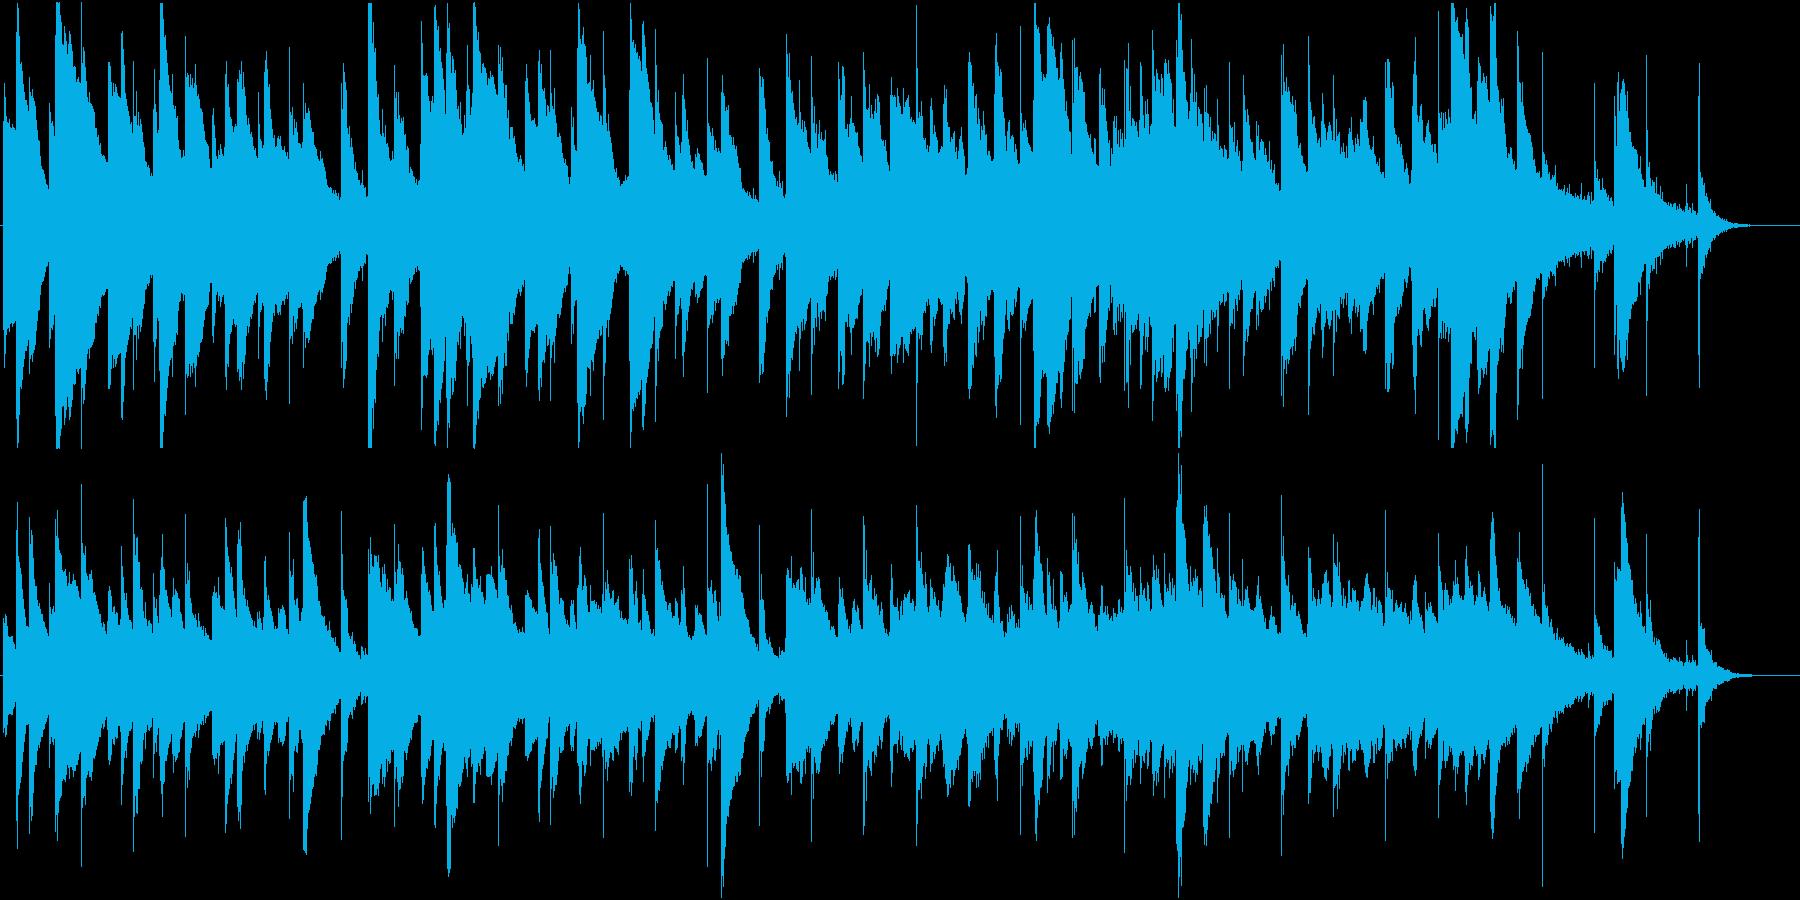 綺麗なピアノの旋律が印象的な曲の再生済みの波形